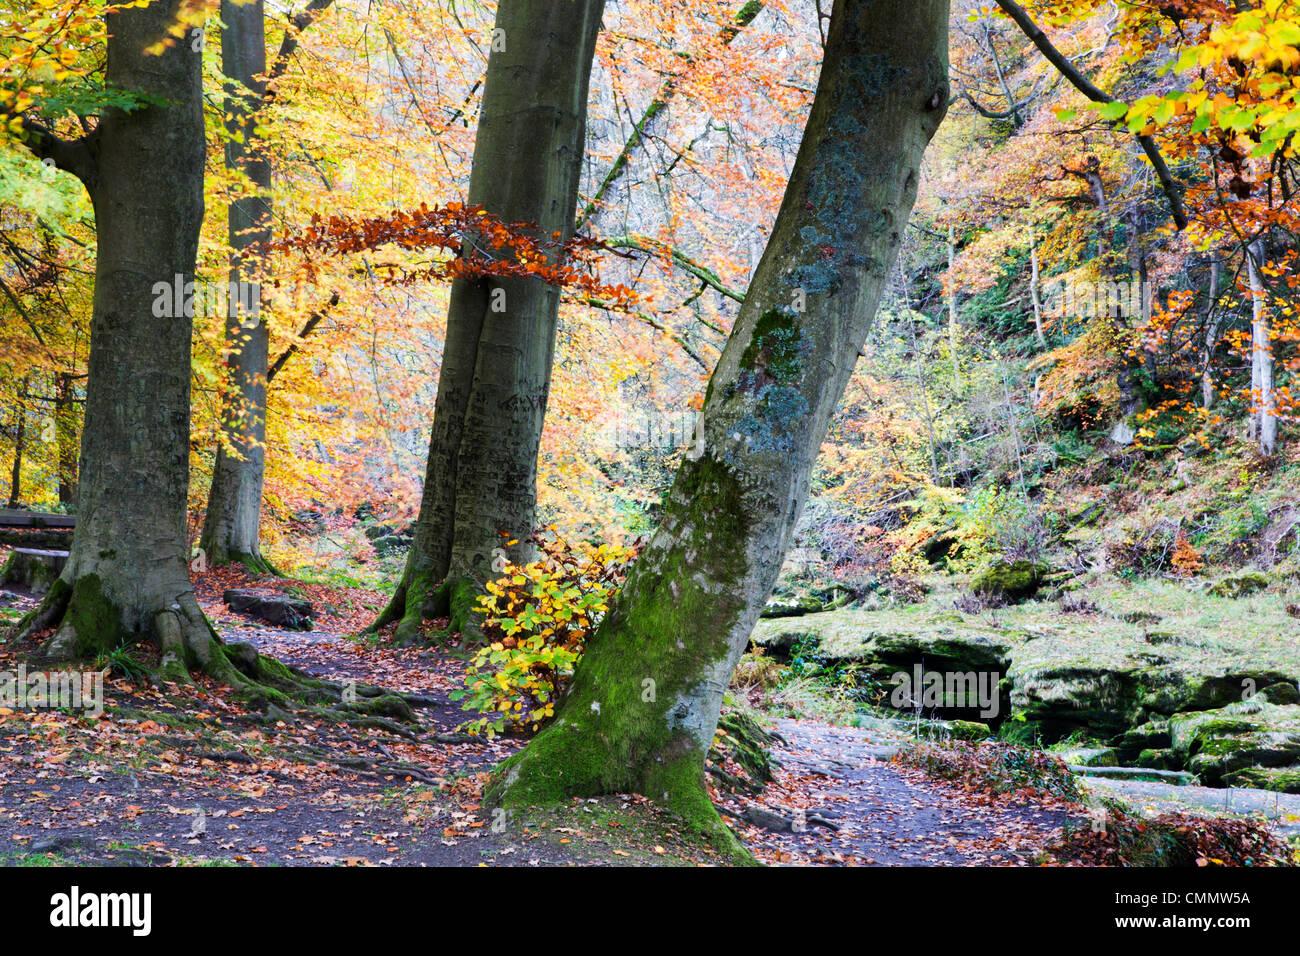 Otoño de árboles por los Strid Strid en madera, Bolton Abbey, Yorkshire, Inglaterra, Reino Unido, Europa Imagen De Stock